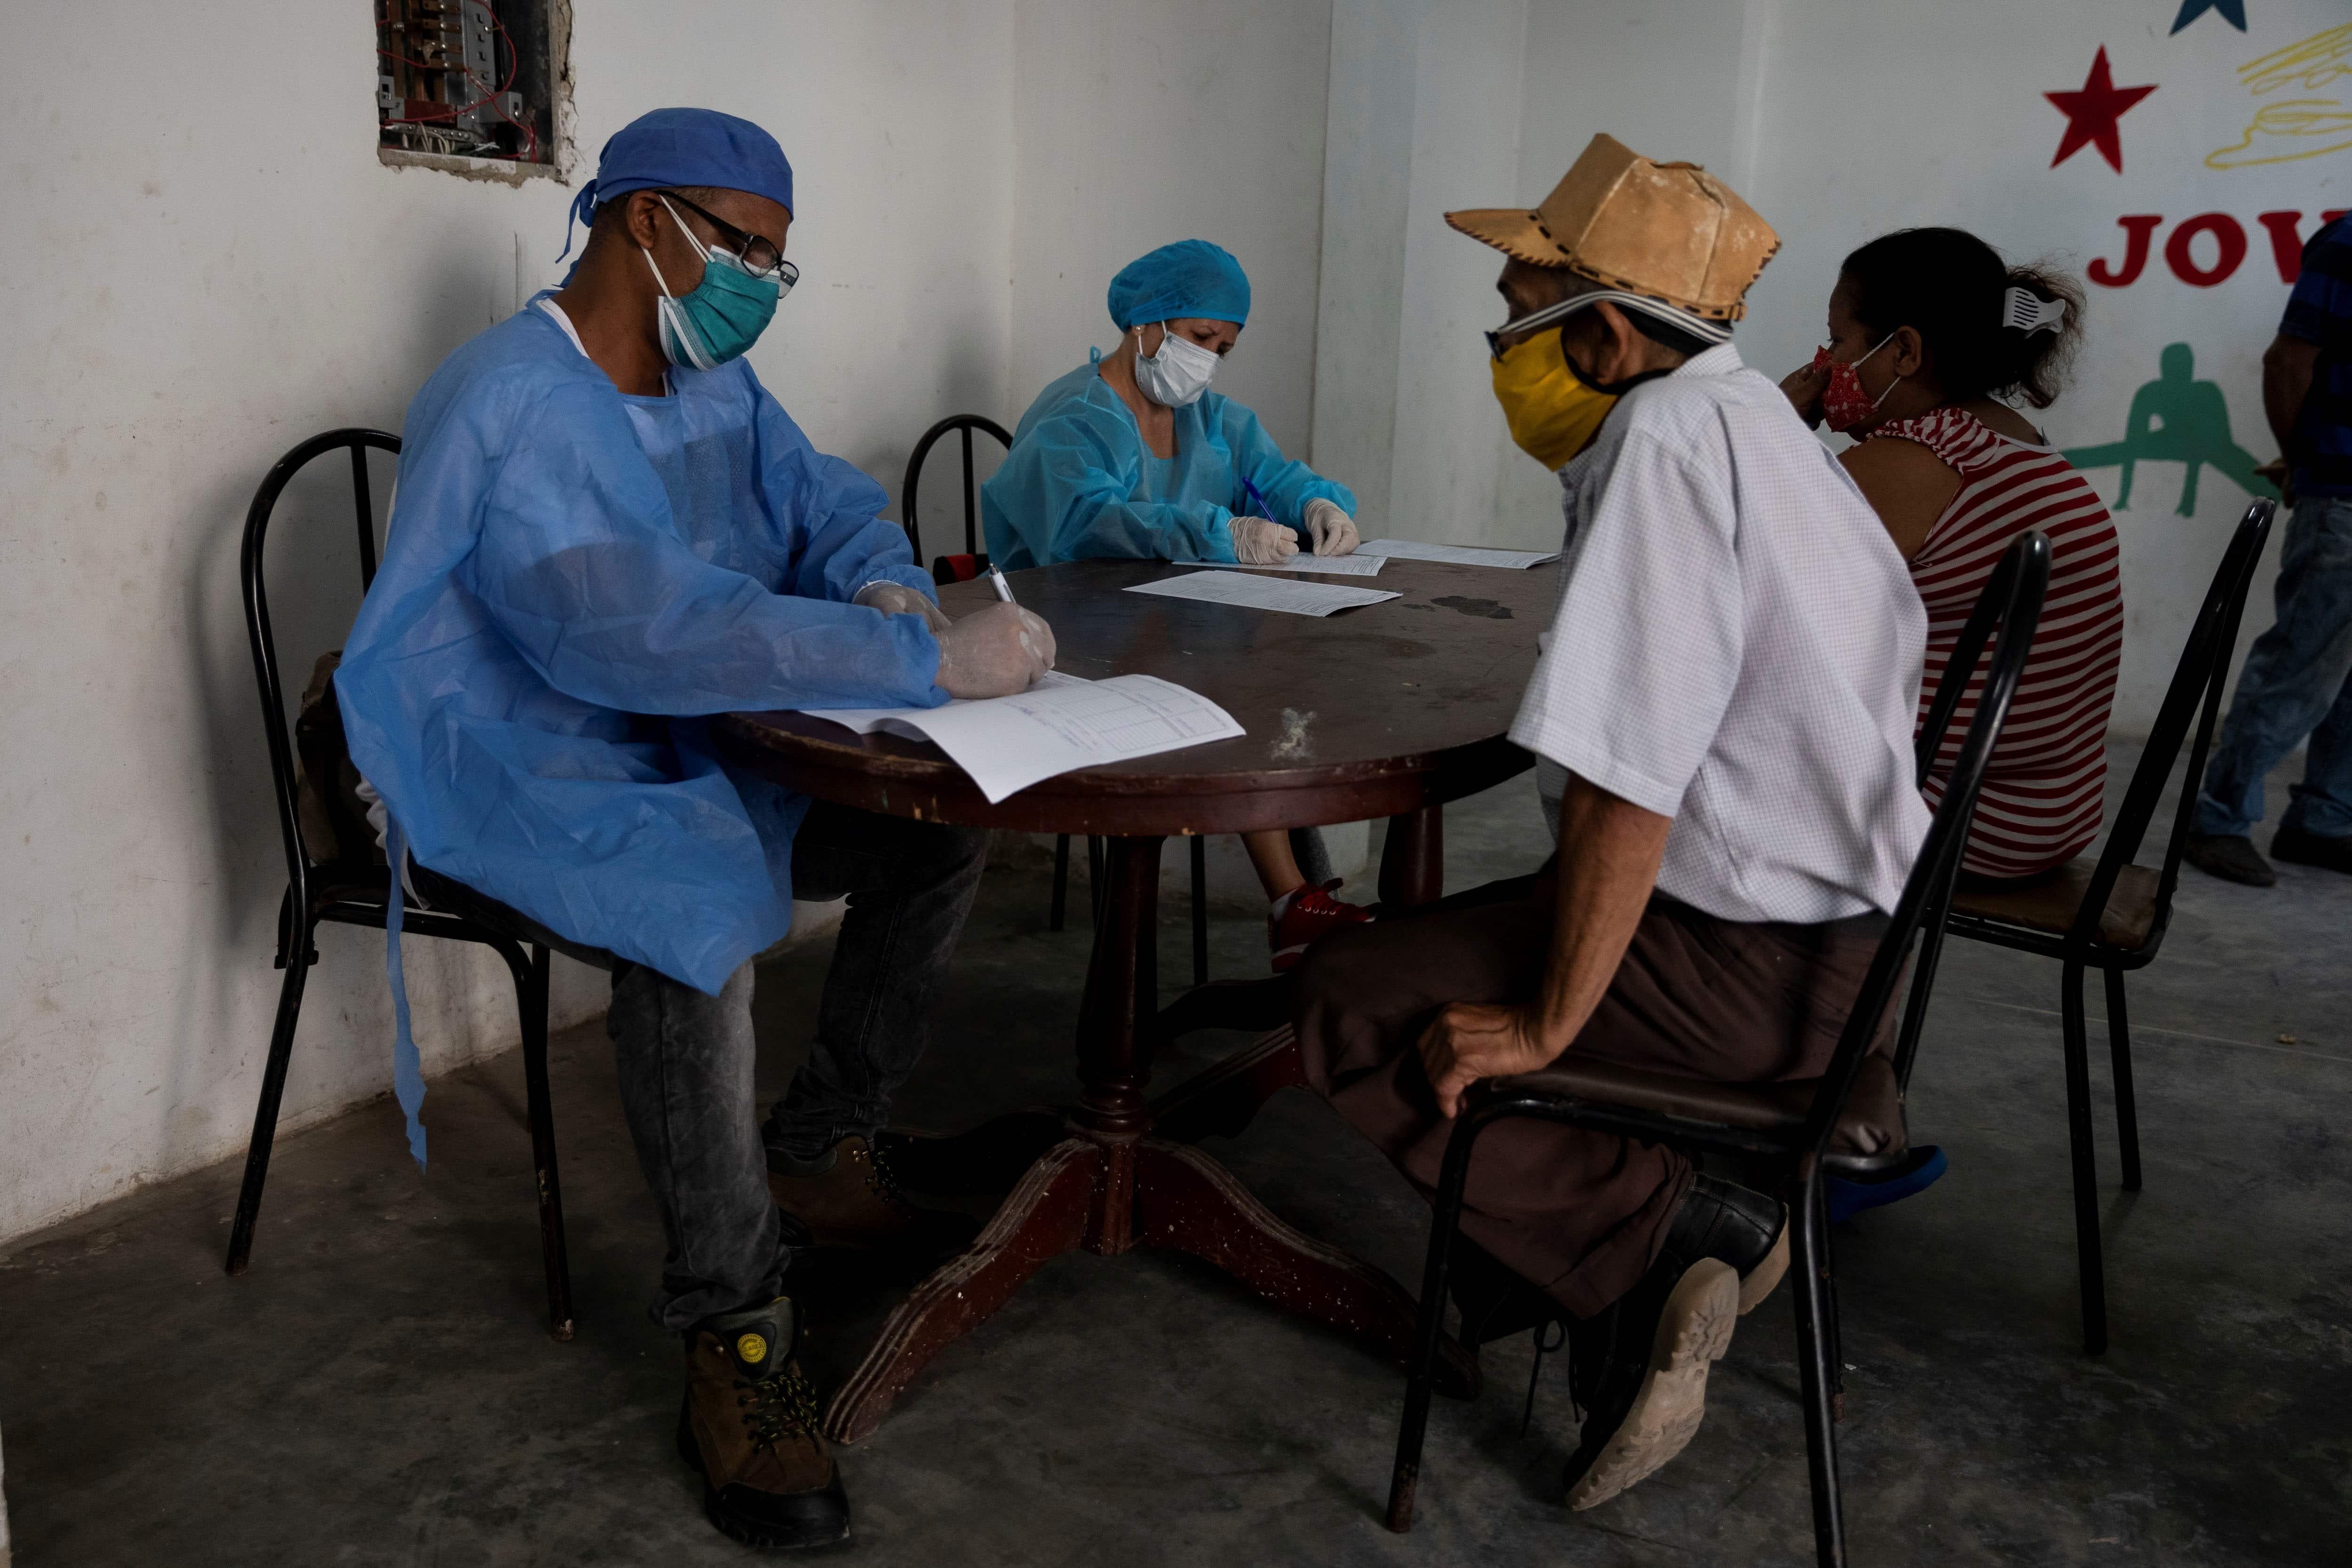 Venezuela superó 800 muertes por COVID-19 con aumento en letalidad admitida